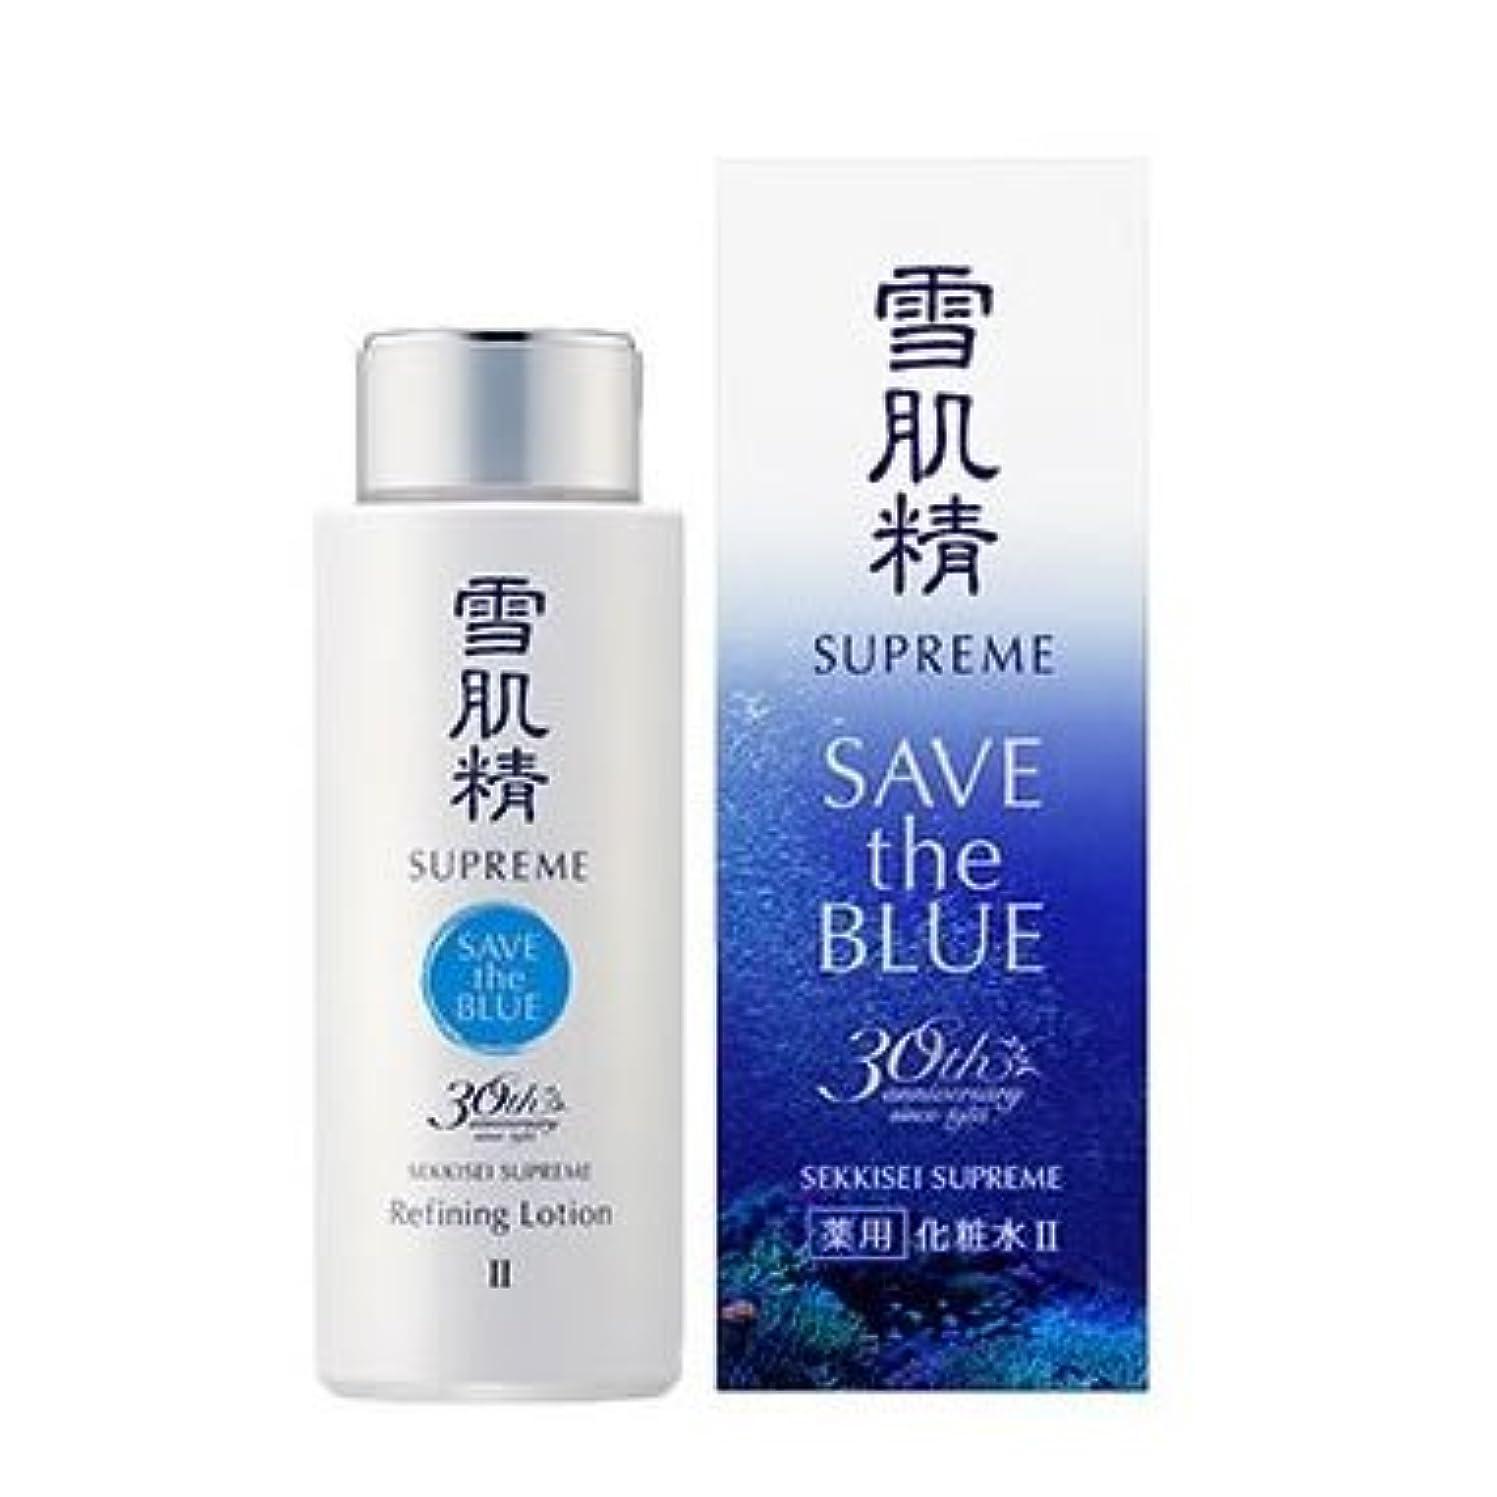 ルーチン広告主ノートコーセー 雪肌精シュープレム 化粧水 II 400ml 限定ボトル SAVE the BLUE 30th Anniversary [並行輸入品]